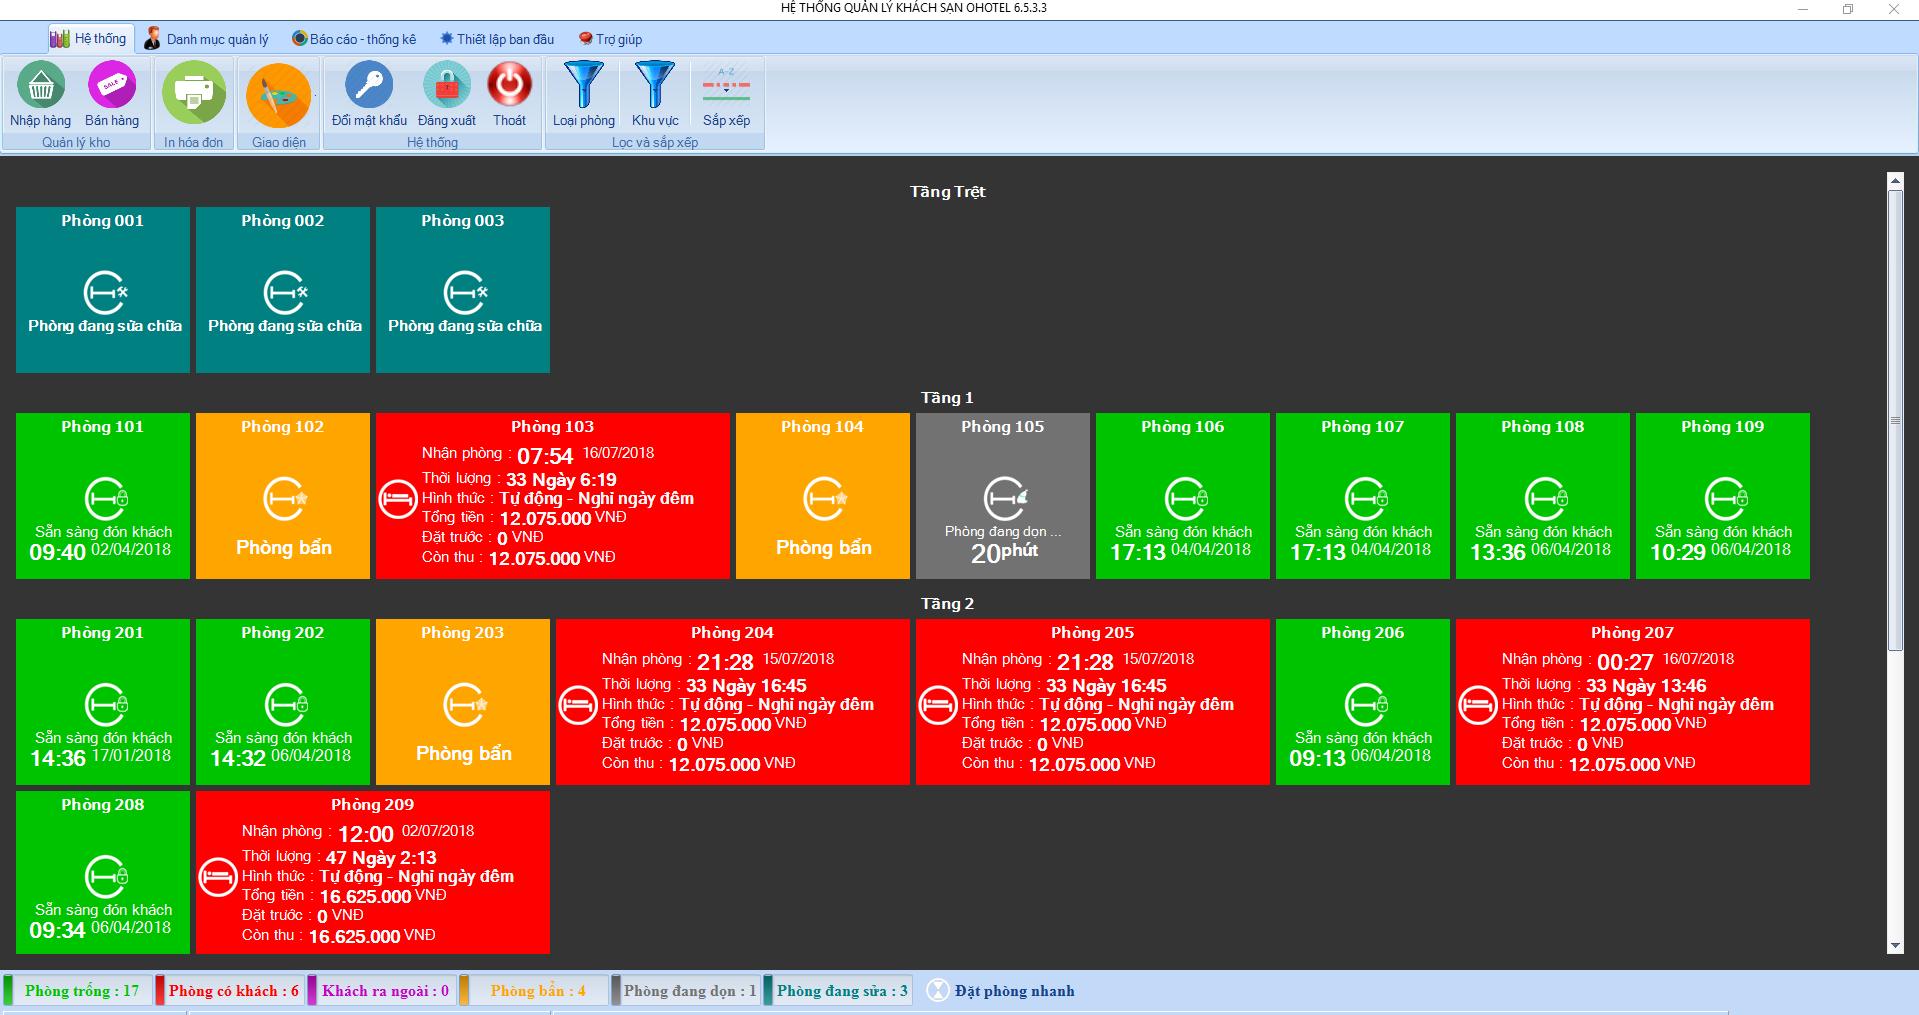 Hướng dẫn cách chọn phần mềm quản lý khách sạn dễ dàng